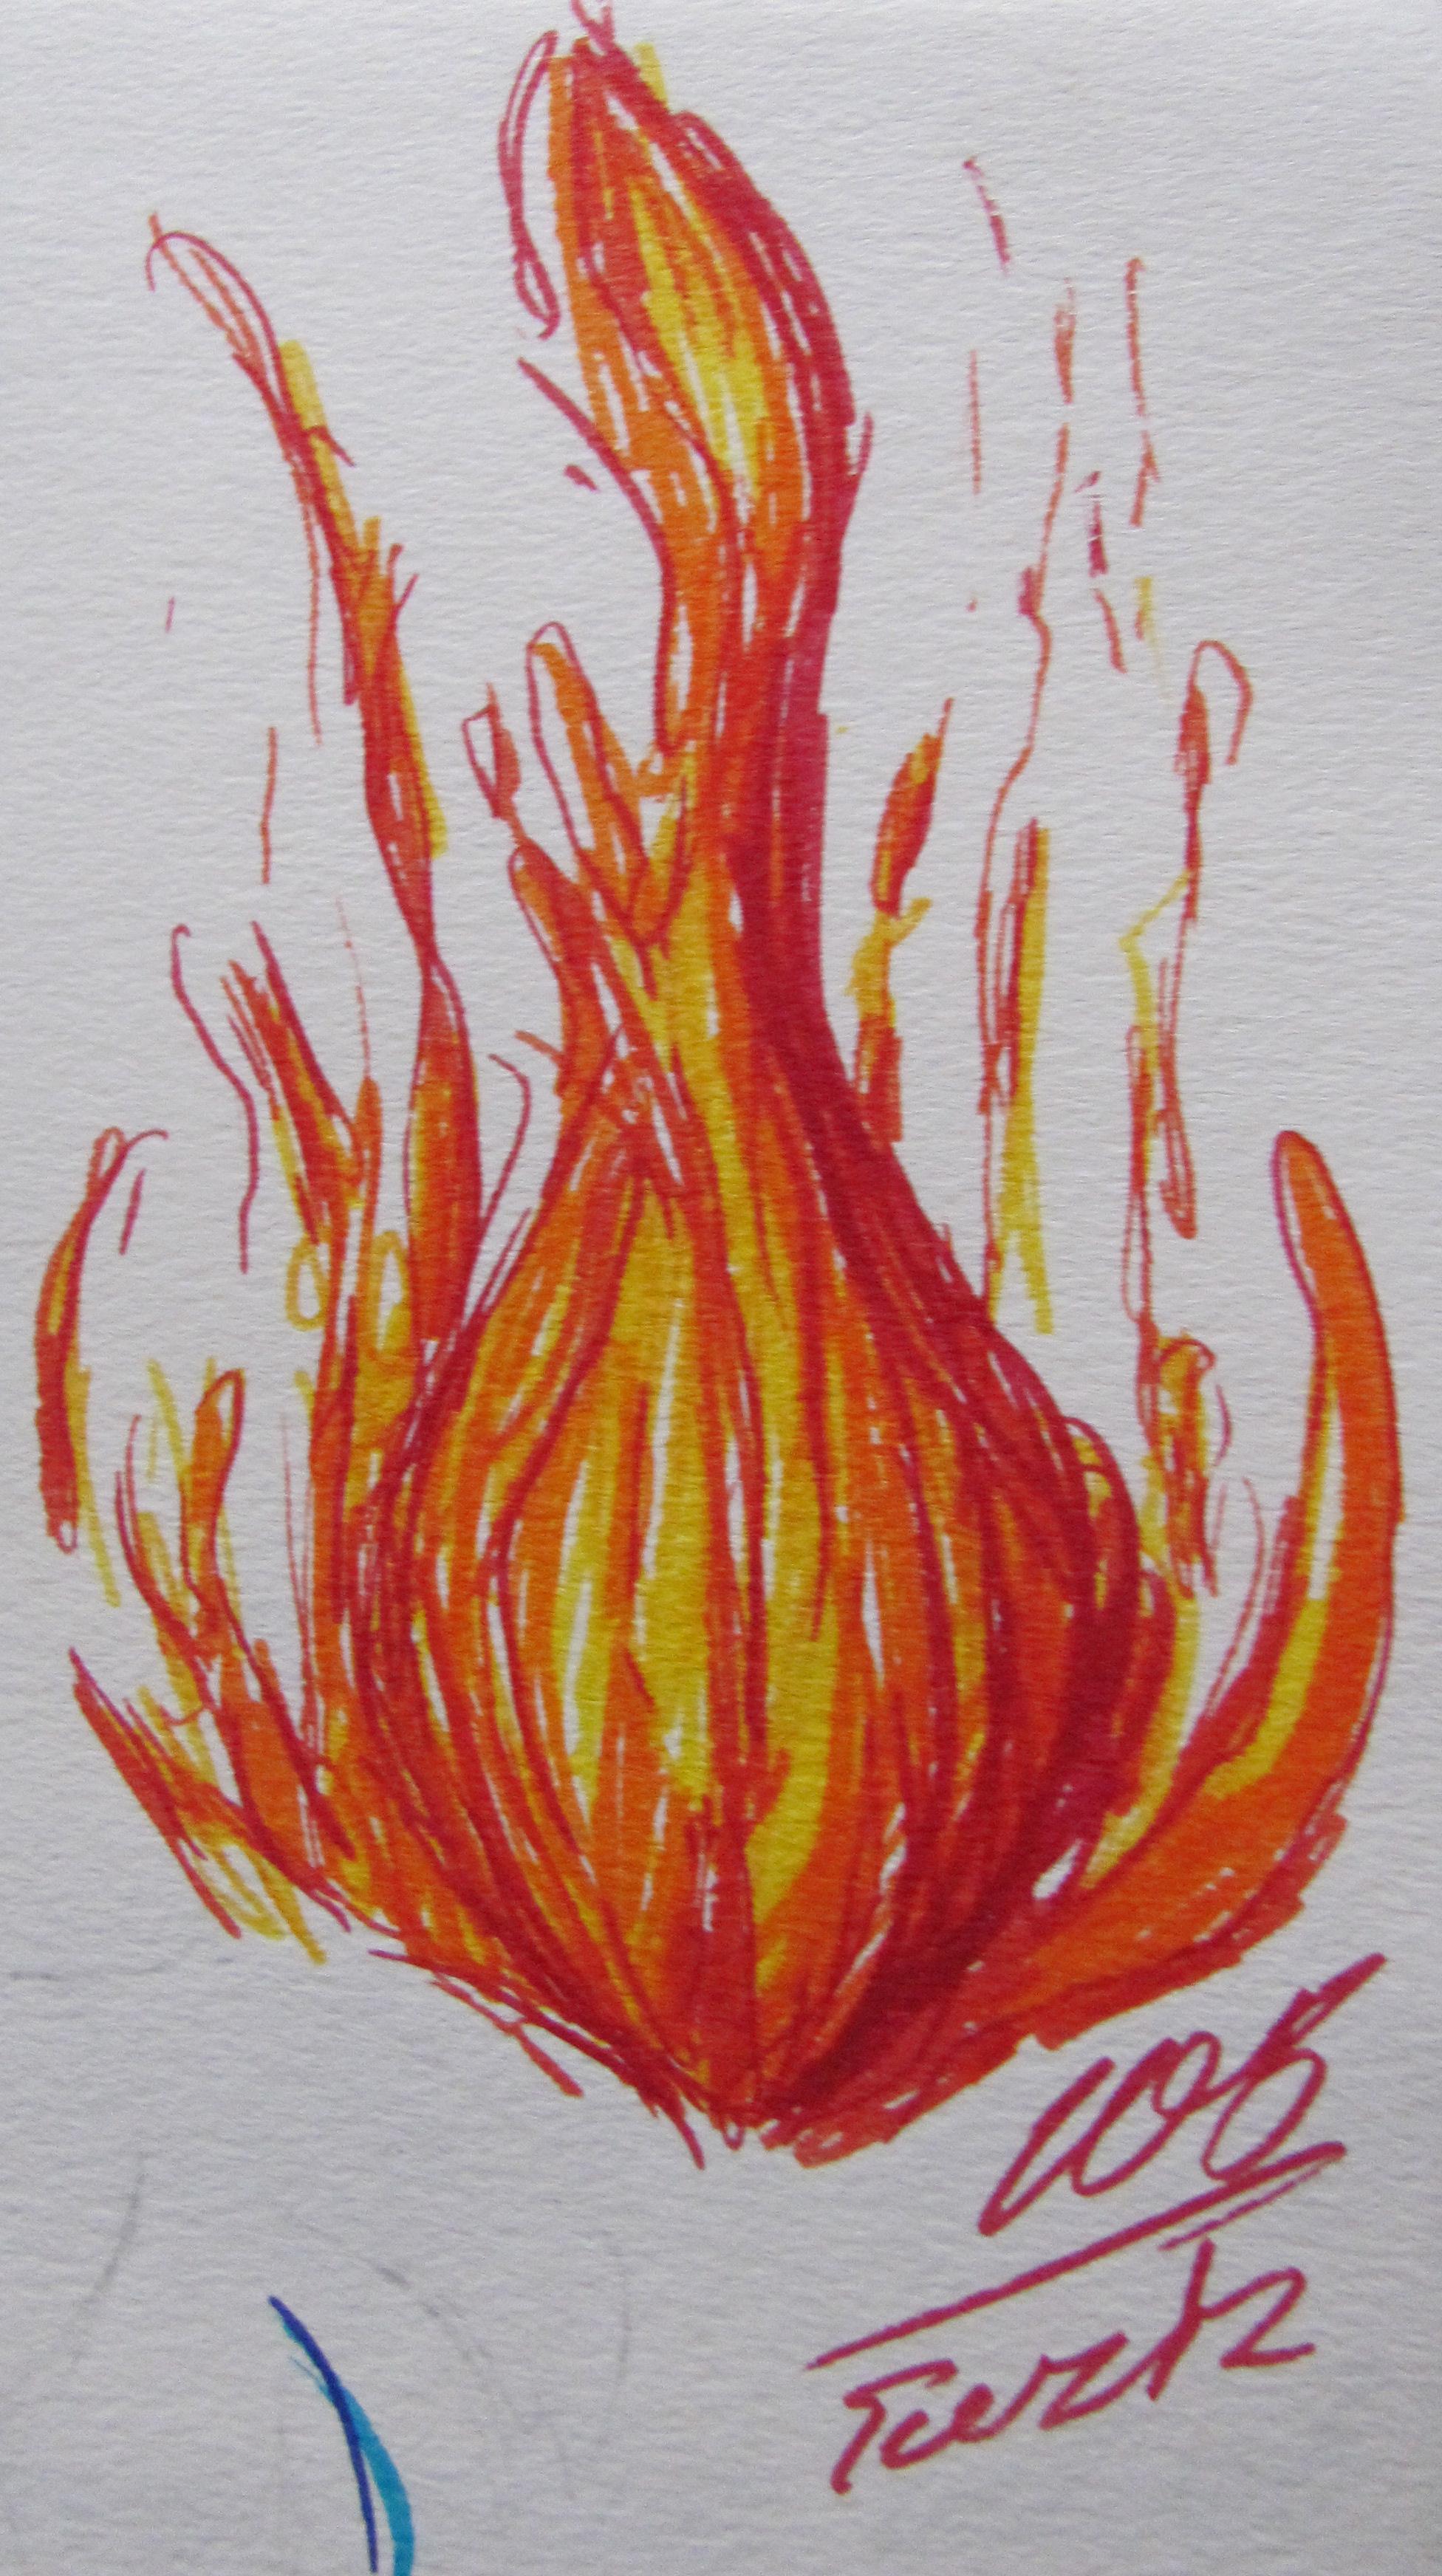 Fire by Foziz105